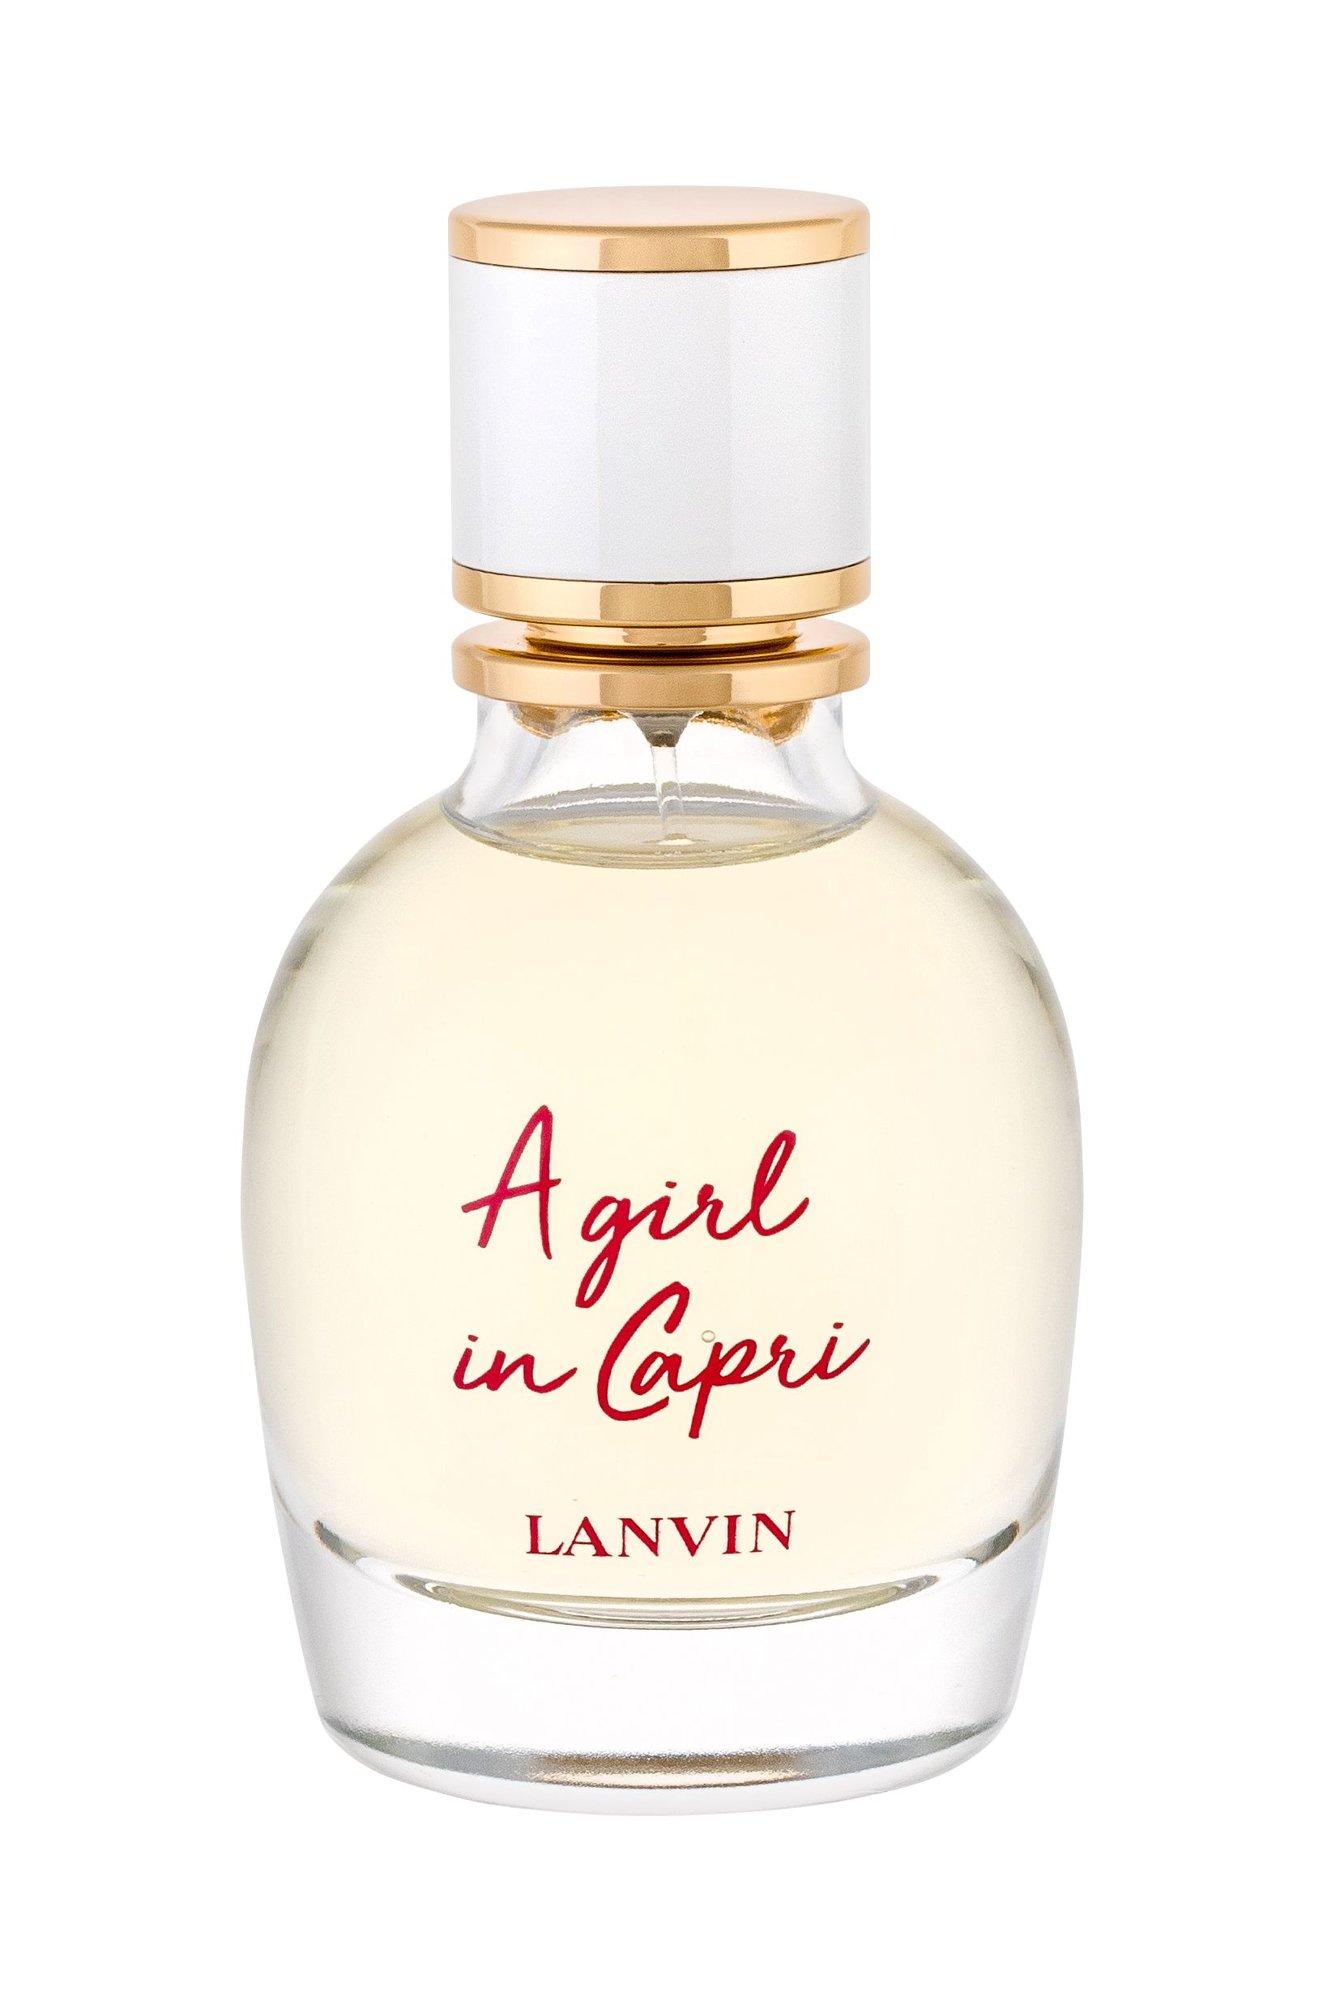 Lanvin A Girl in Capri Eau de Toilette 50ml